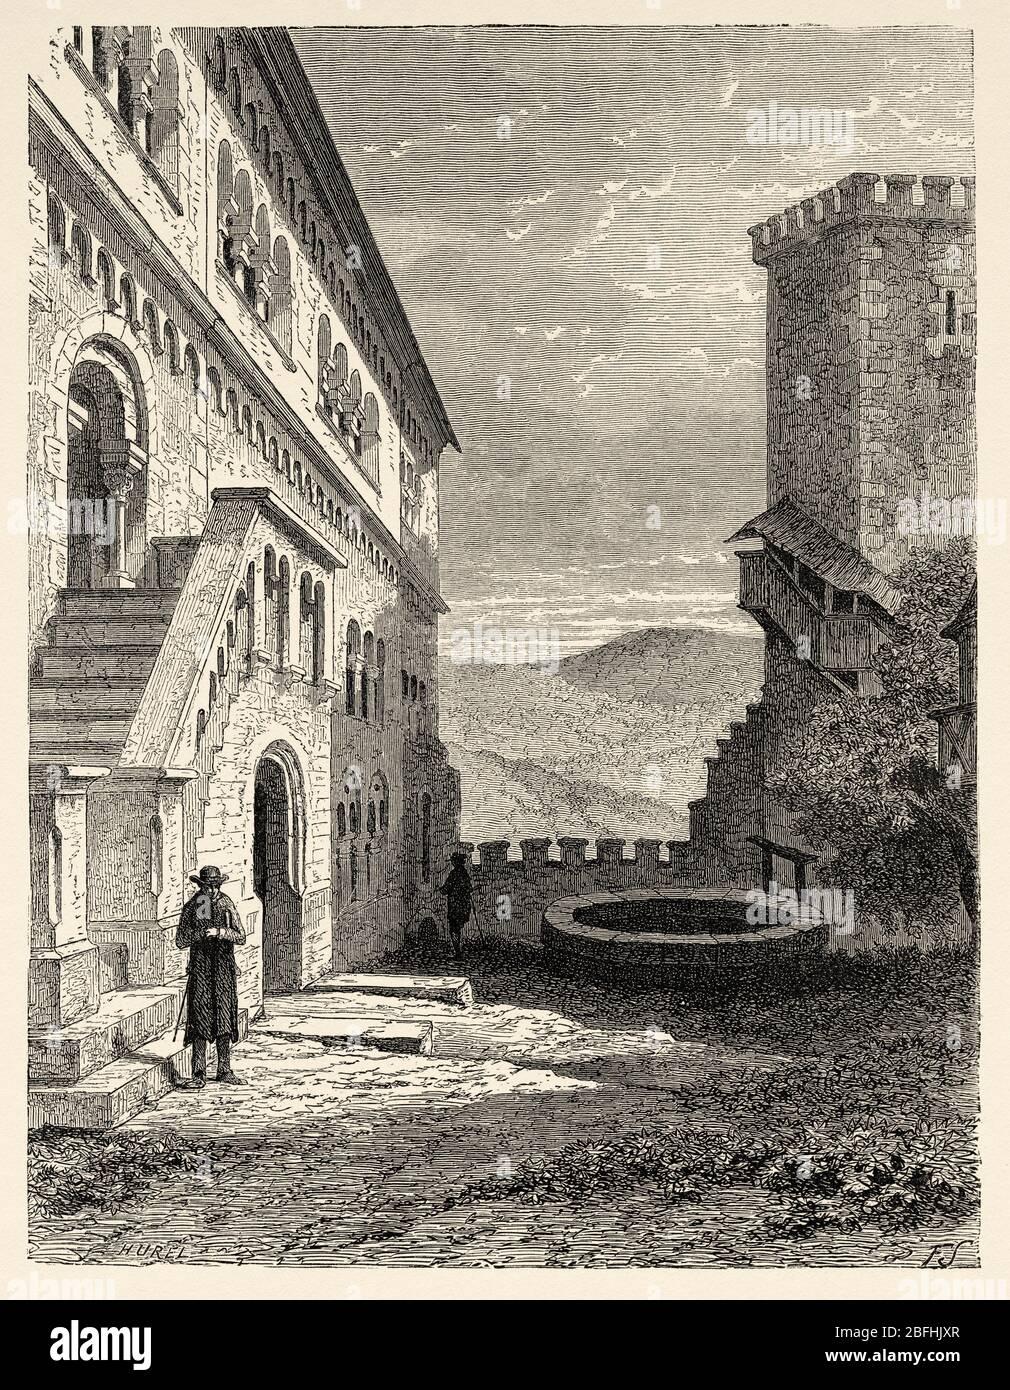 Cité médiévale de Warburg, Rhénanie-du-Nord-Westphalie. Thuringe, Allemagne, Europe. Voyage en Thuringe, Allemagne du Nord 1869 par Arsene Legelle Banque D'Images